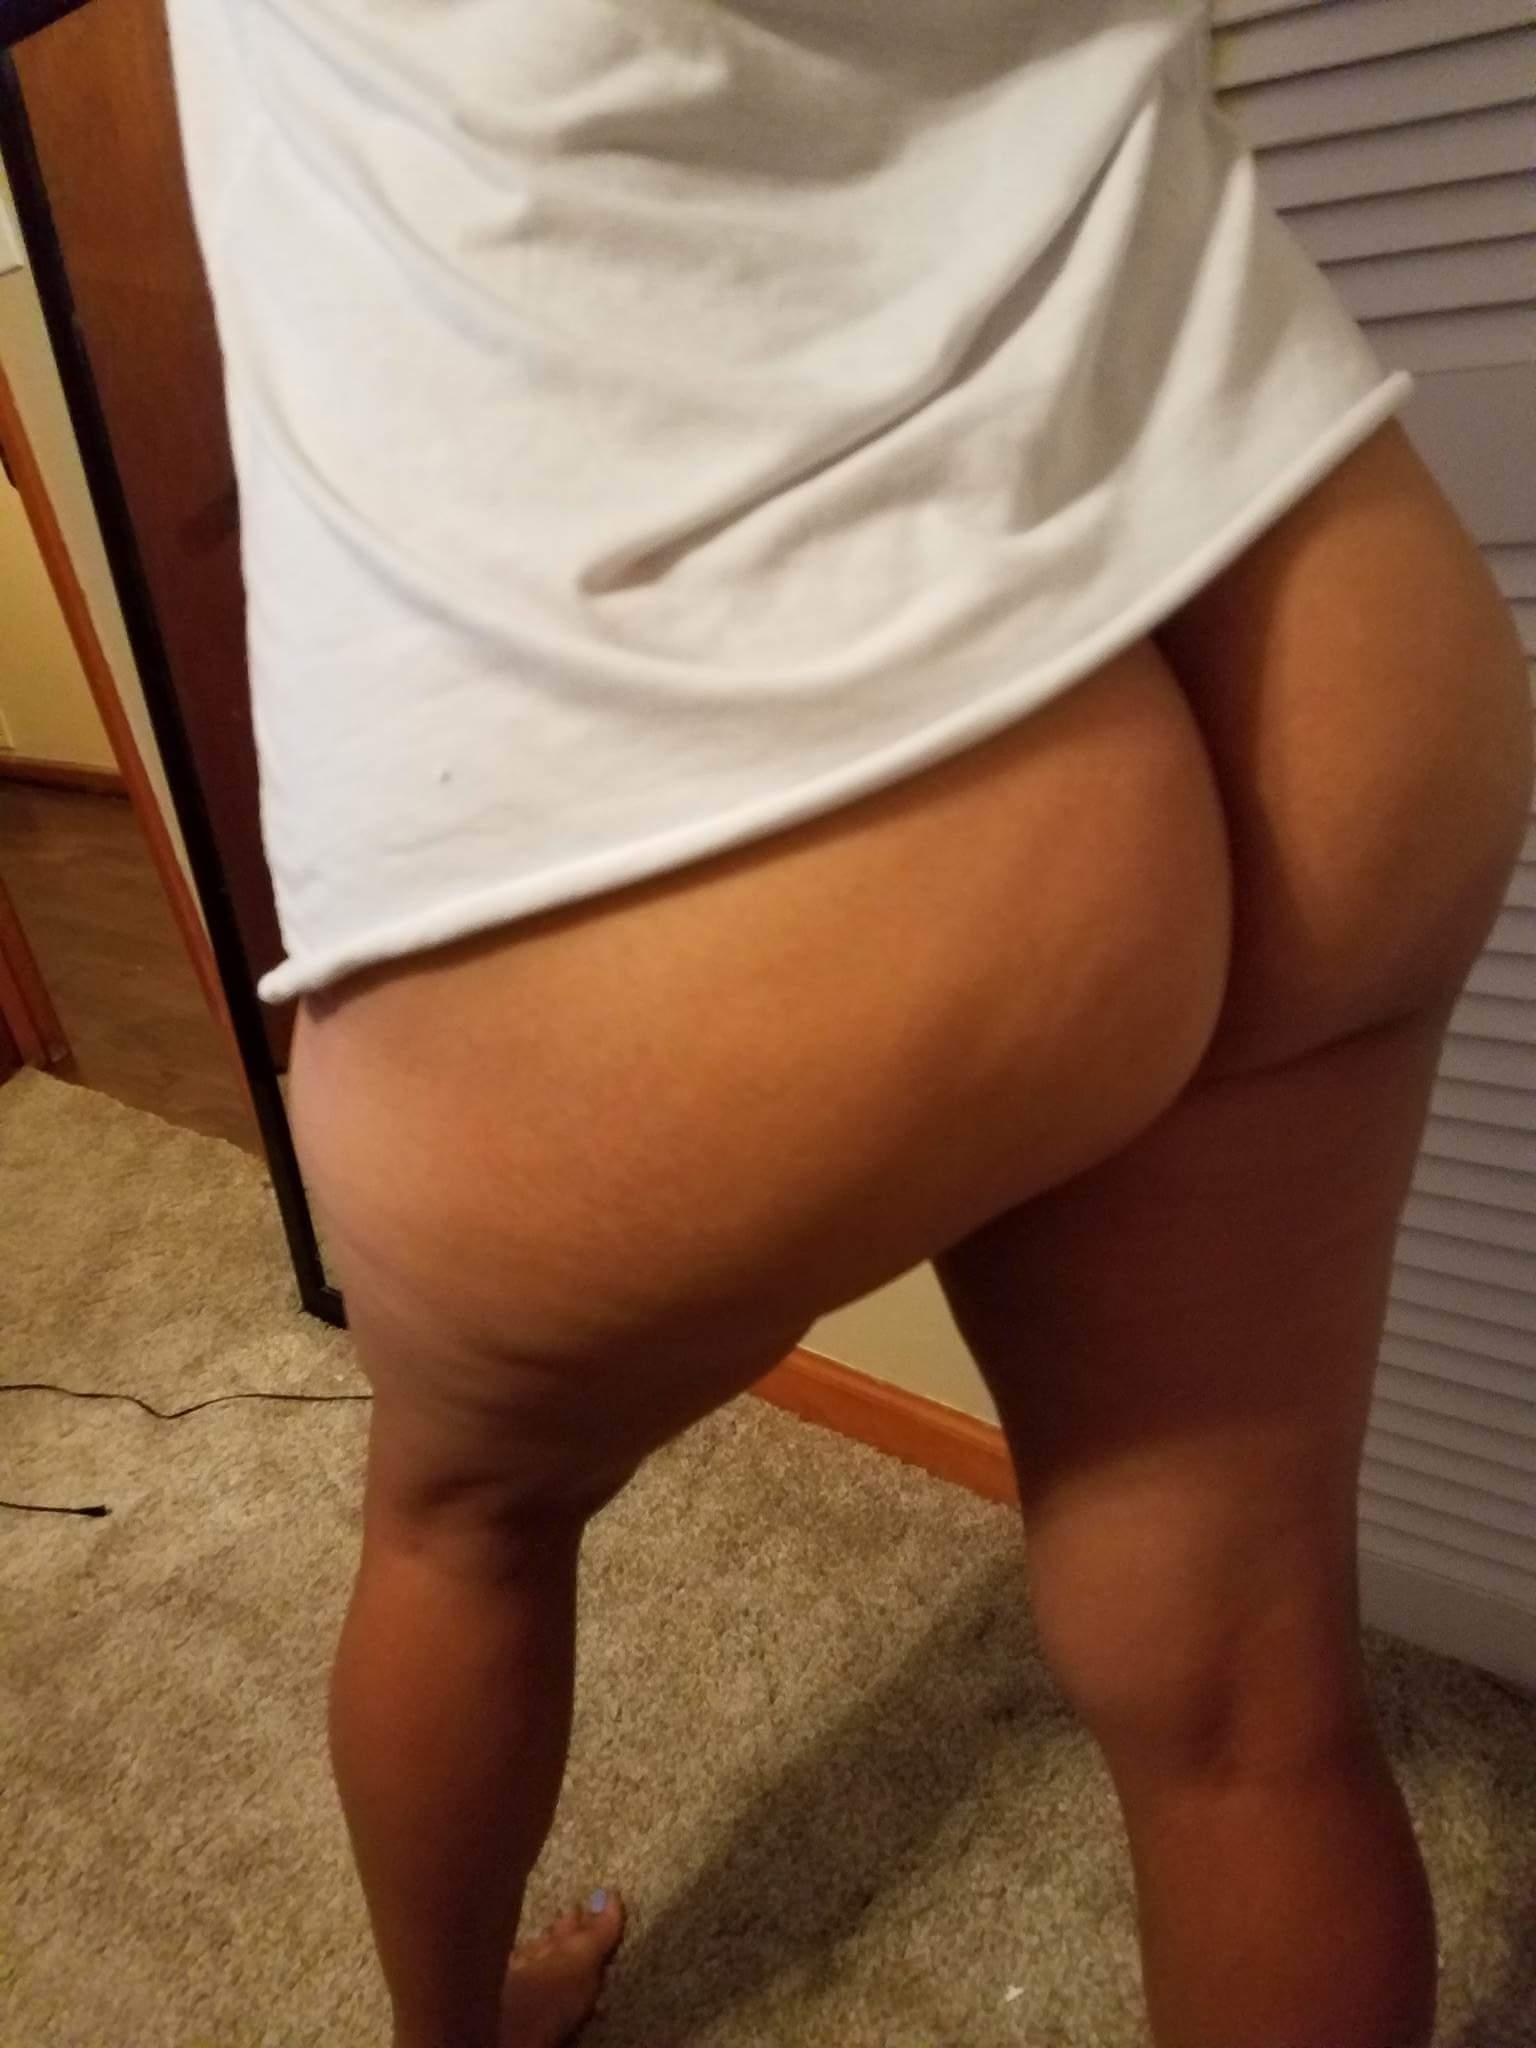 girls orgasm videos College